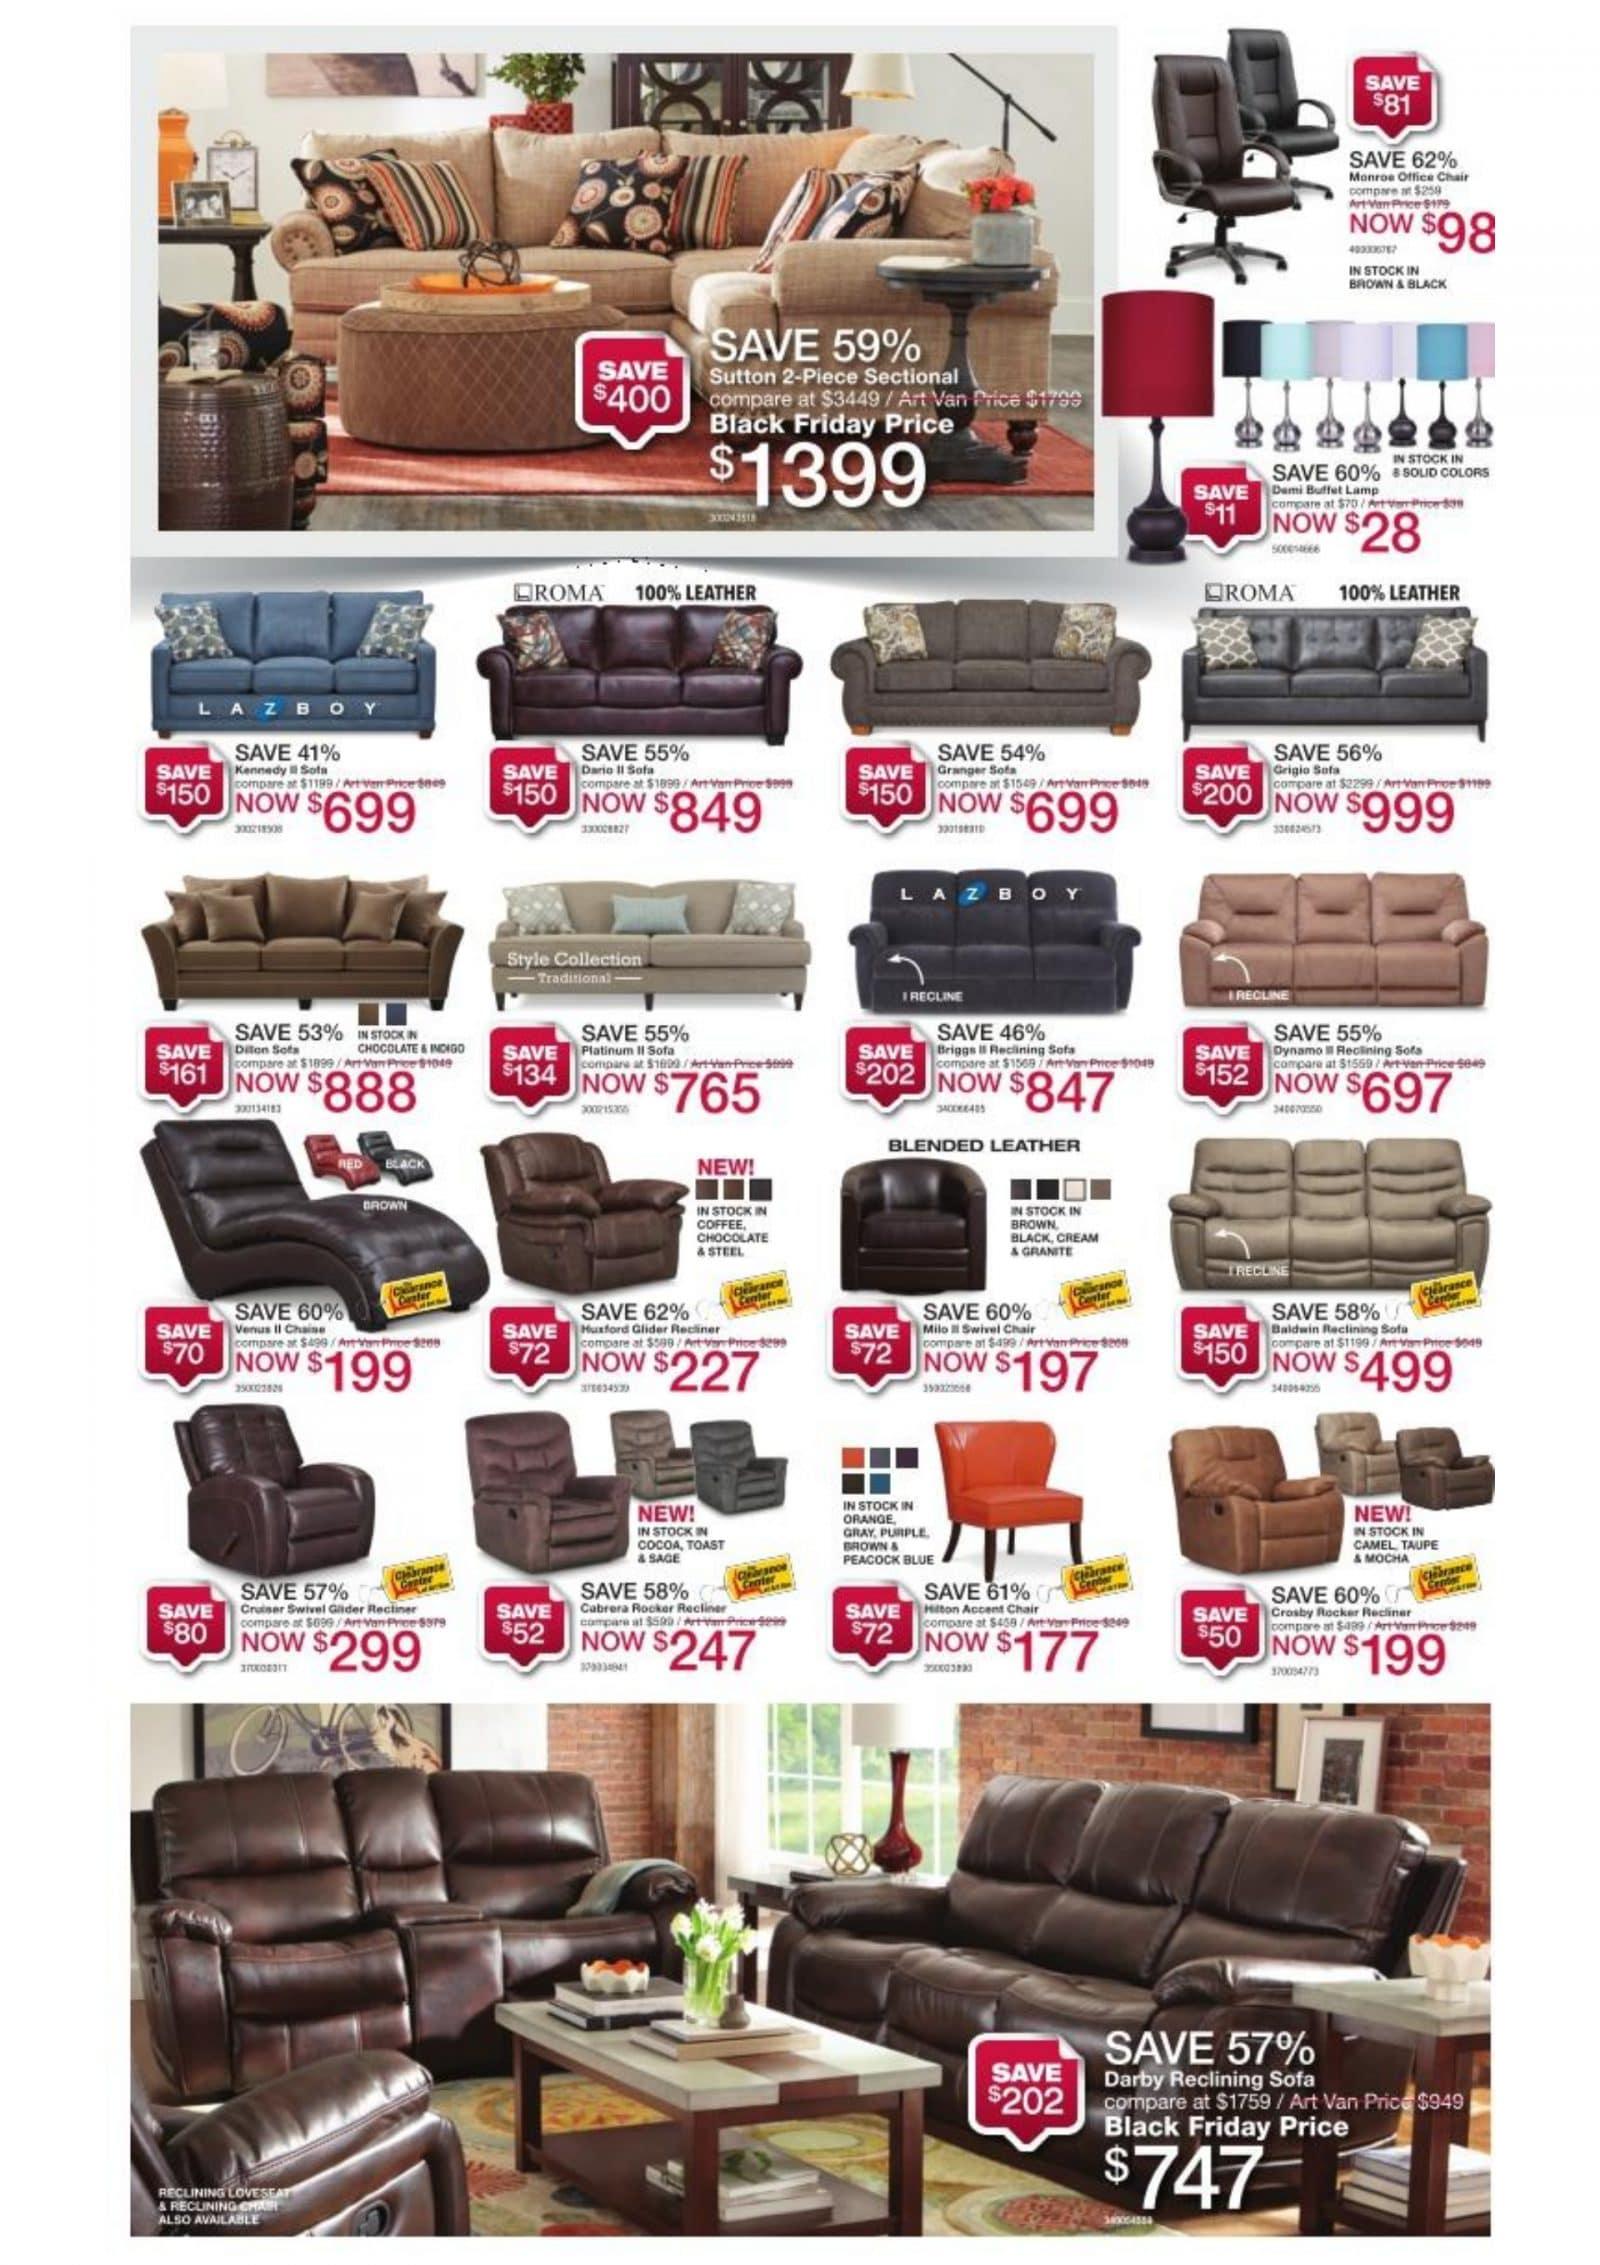 emily queen bed saxon sofa lucky rocker recliner wmassage pendleton 5piece set brianne bar stool art van